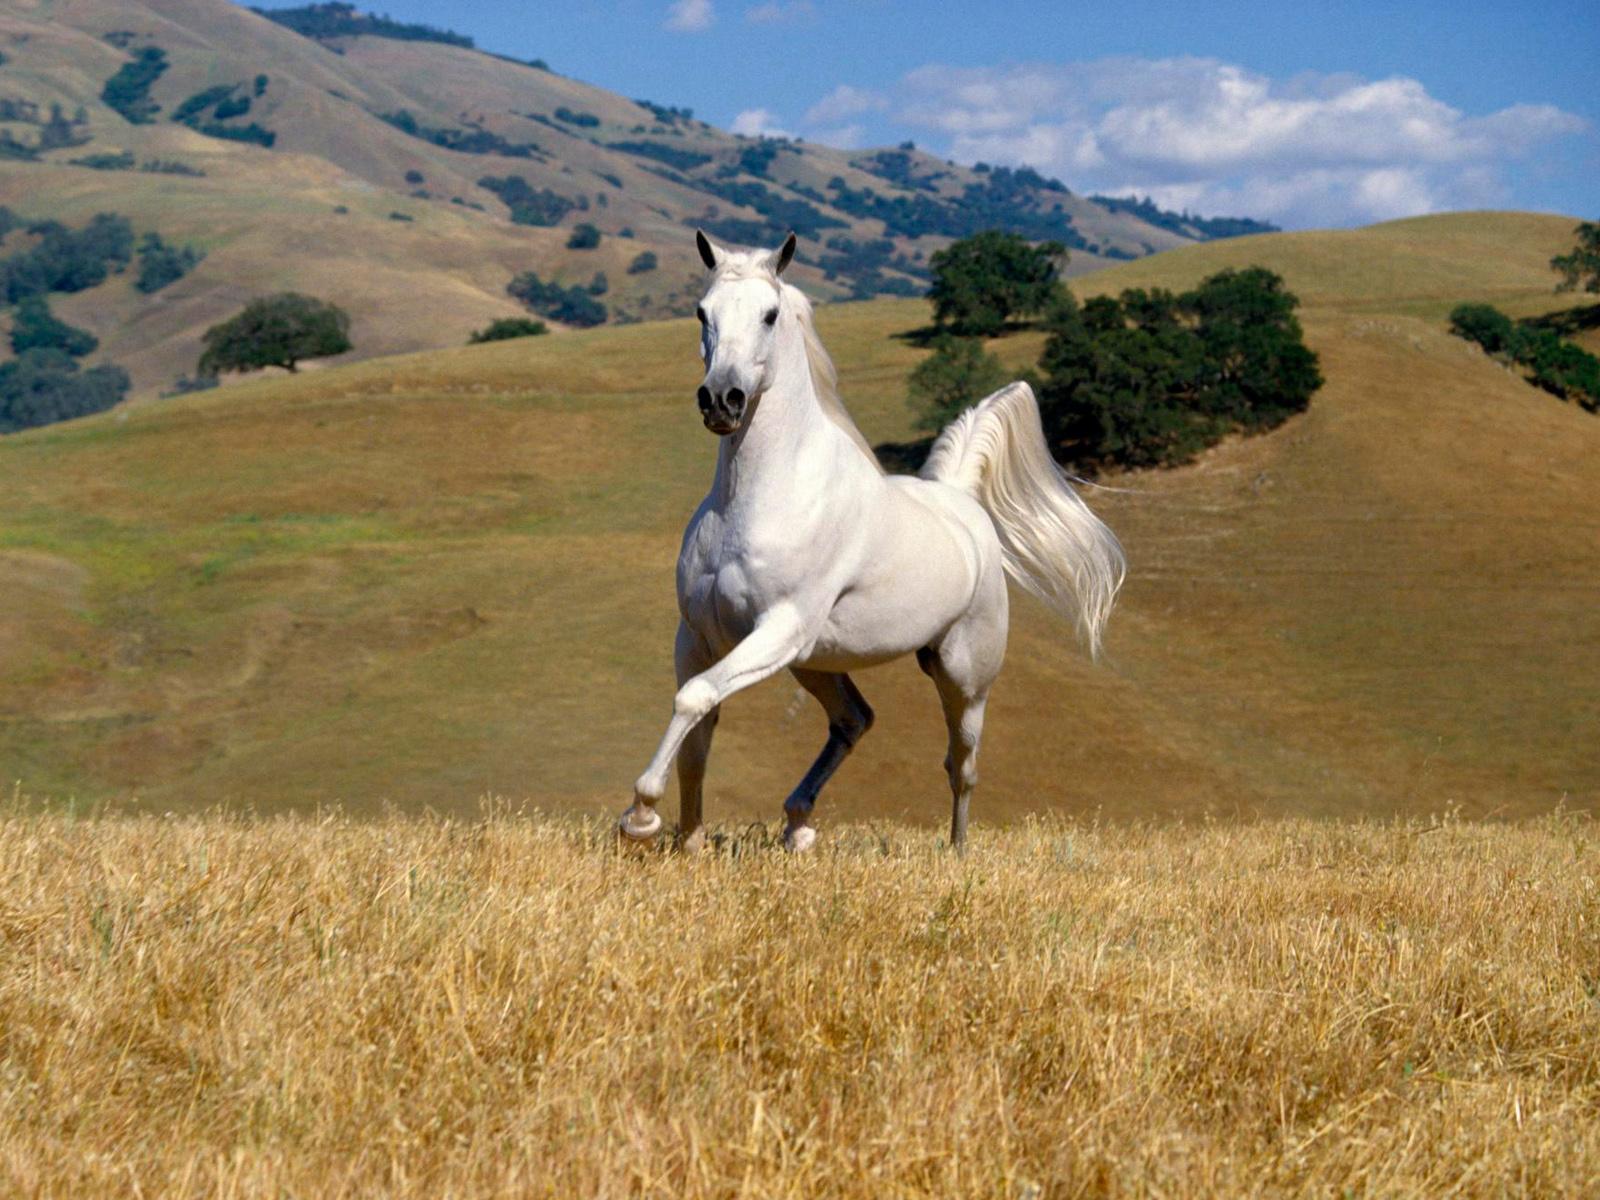 horses wallpaper horse screensavershorse computer wallpaper 1600x1200